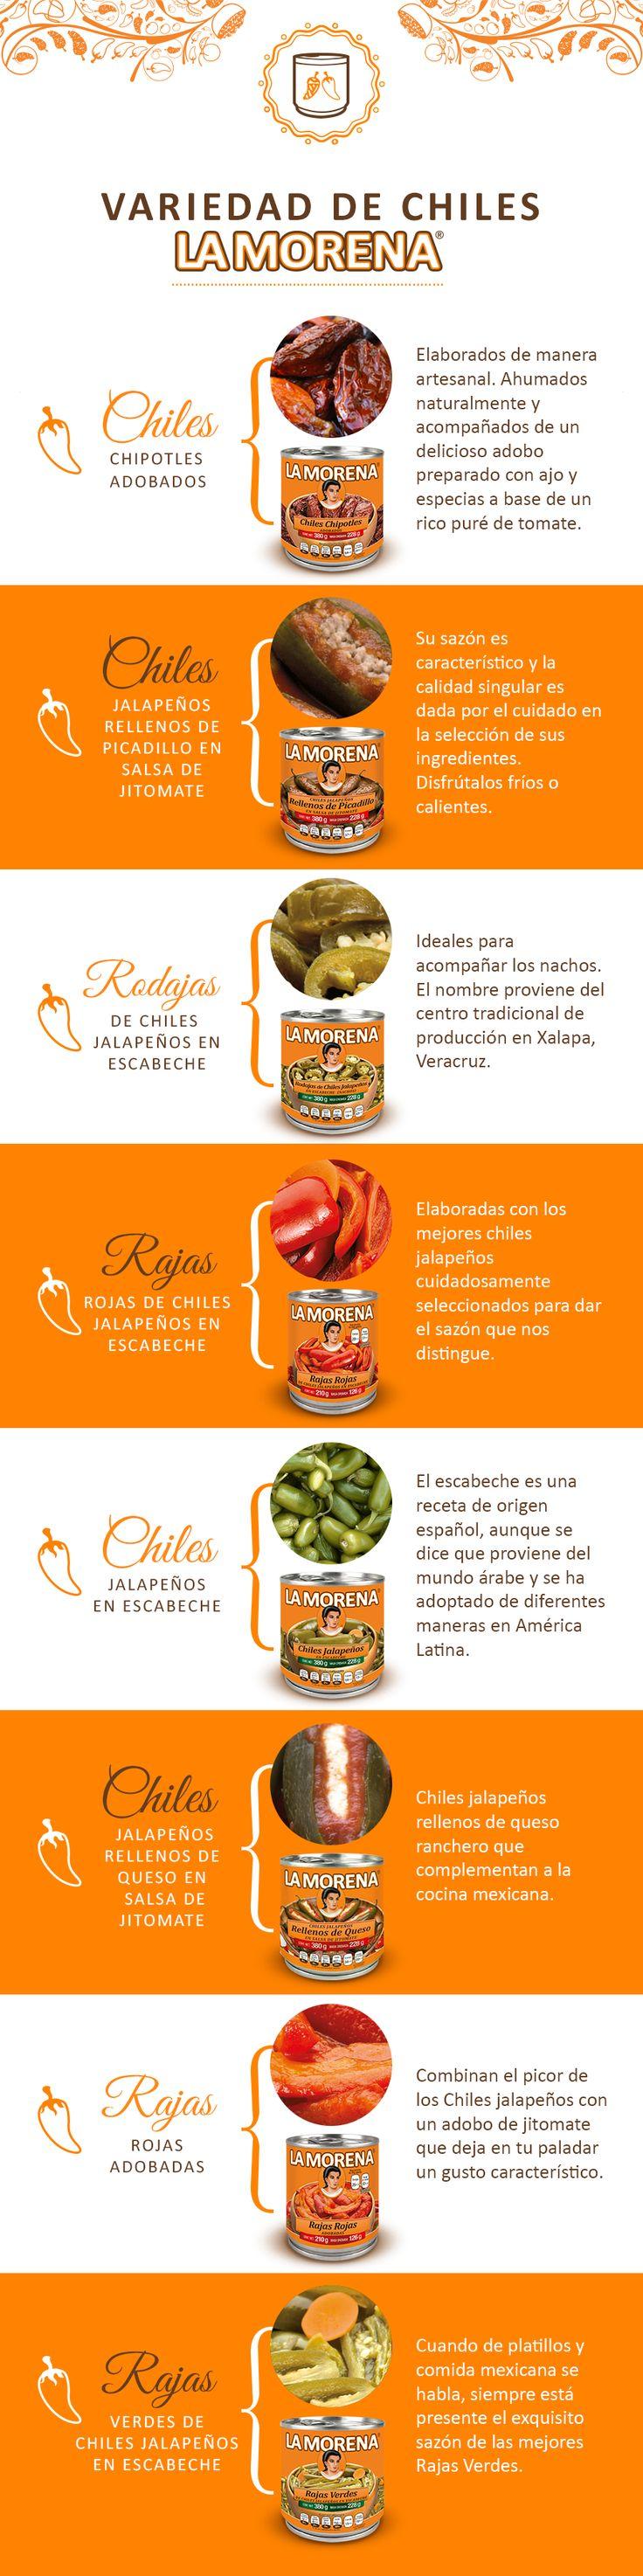 Conoce la variedad de chiles que tenemos para ti, seleccionados manualmente con el sazón tradicional que nos caracteriza.